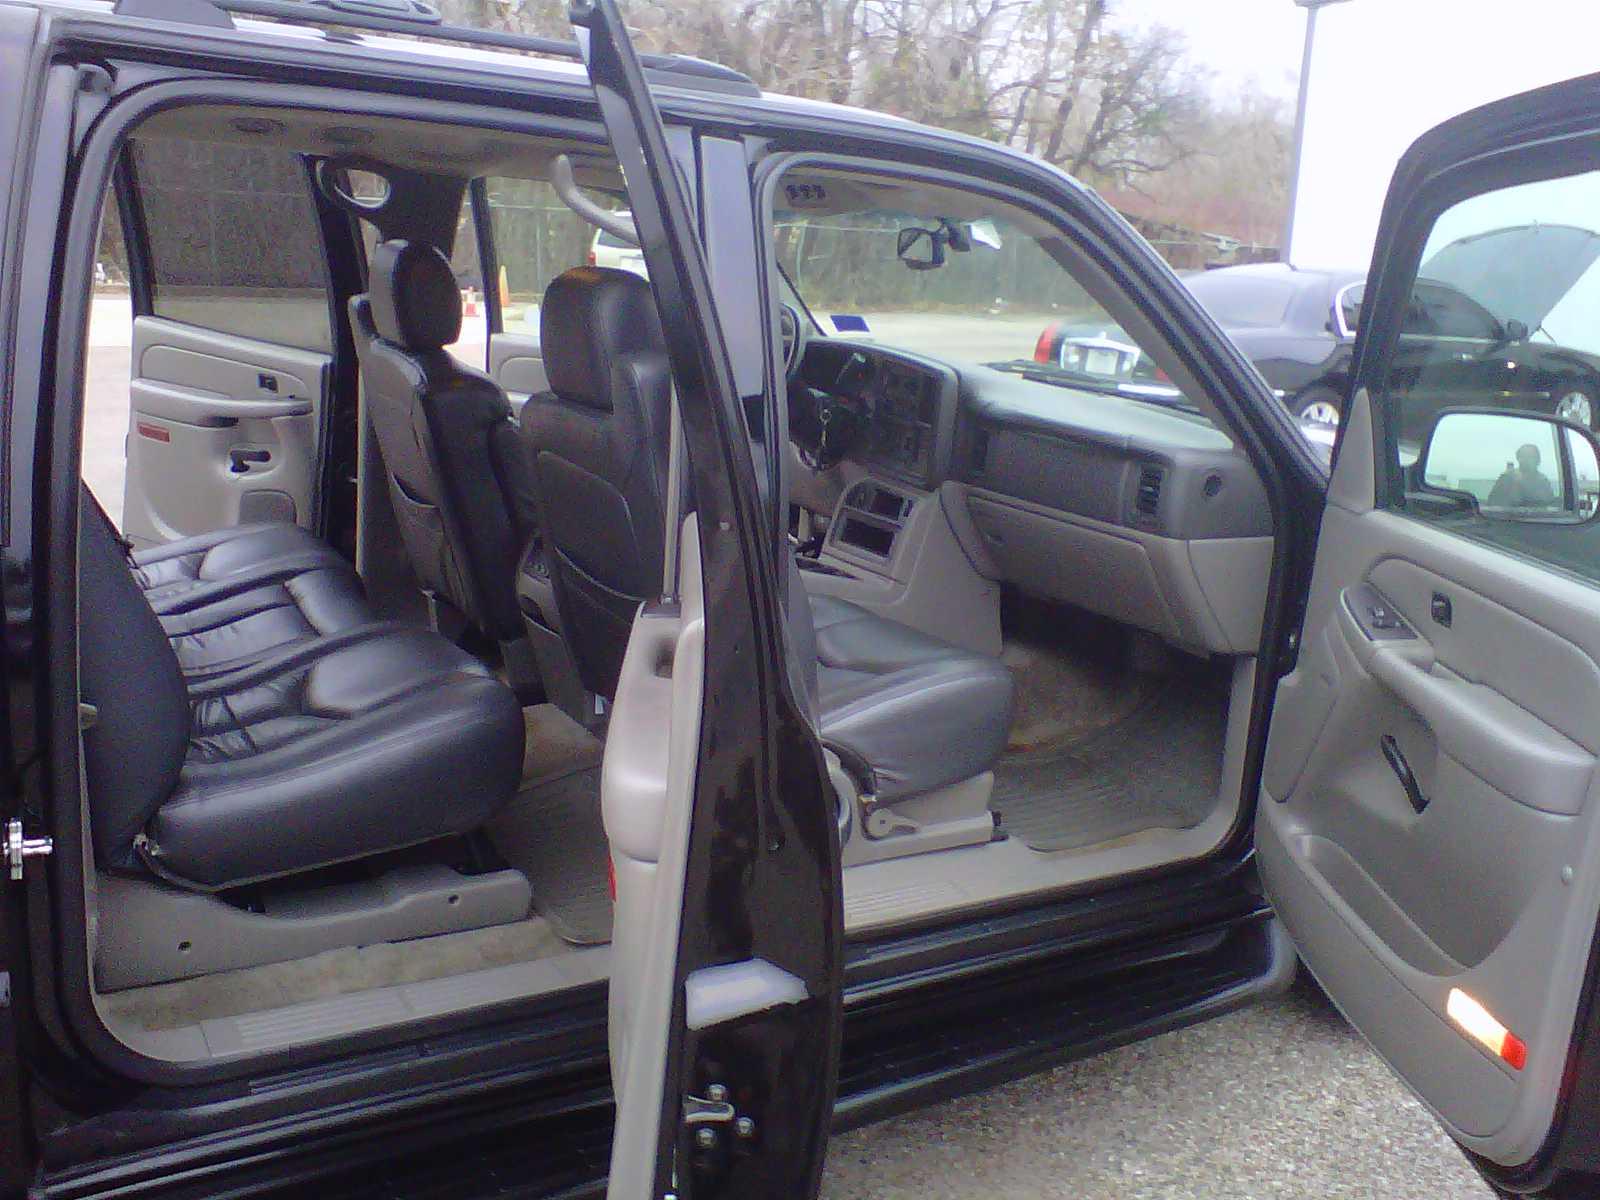 2006 Chevrolet Suburban Interior Pictures Cargurus